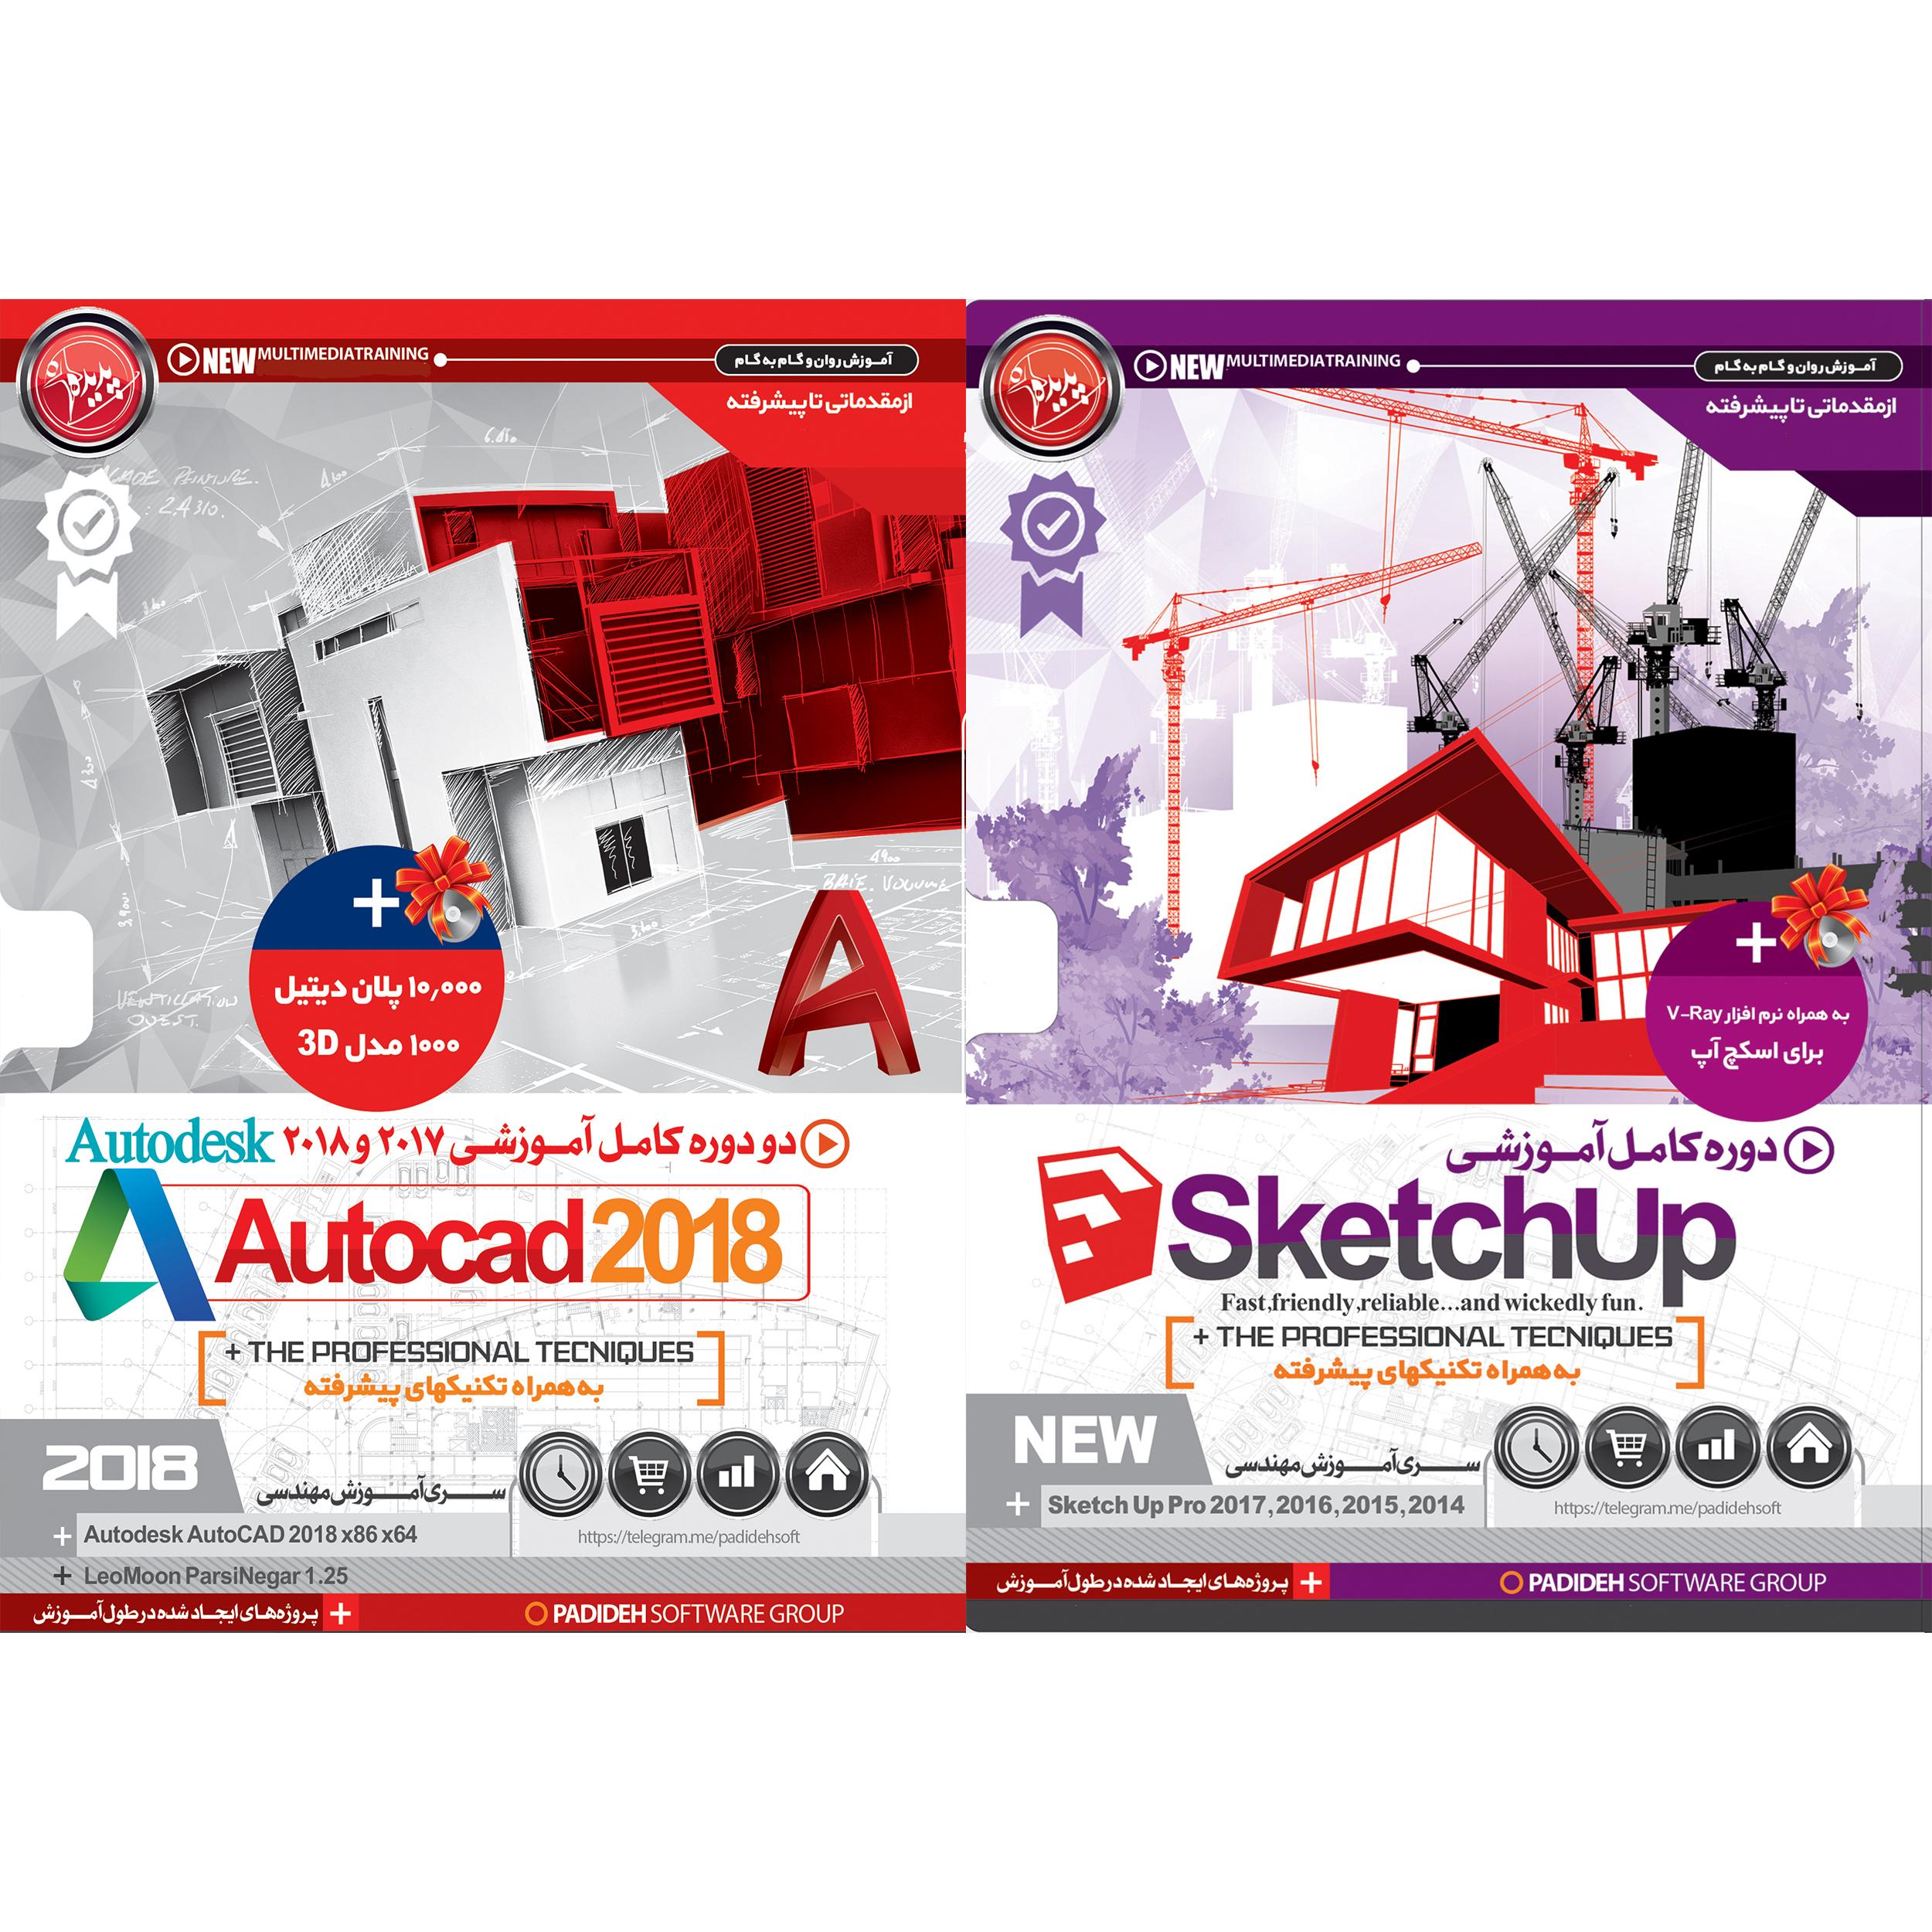 نرم افزار آموزش SketchUP نشر پدیده به همراه نرم افزار آموزش AUTOCAD نشر پدیده